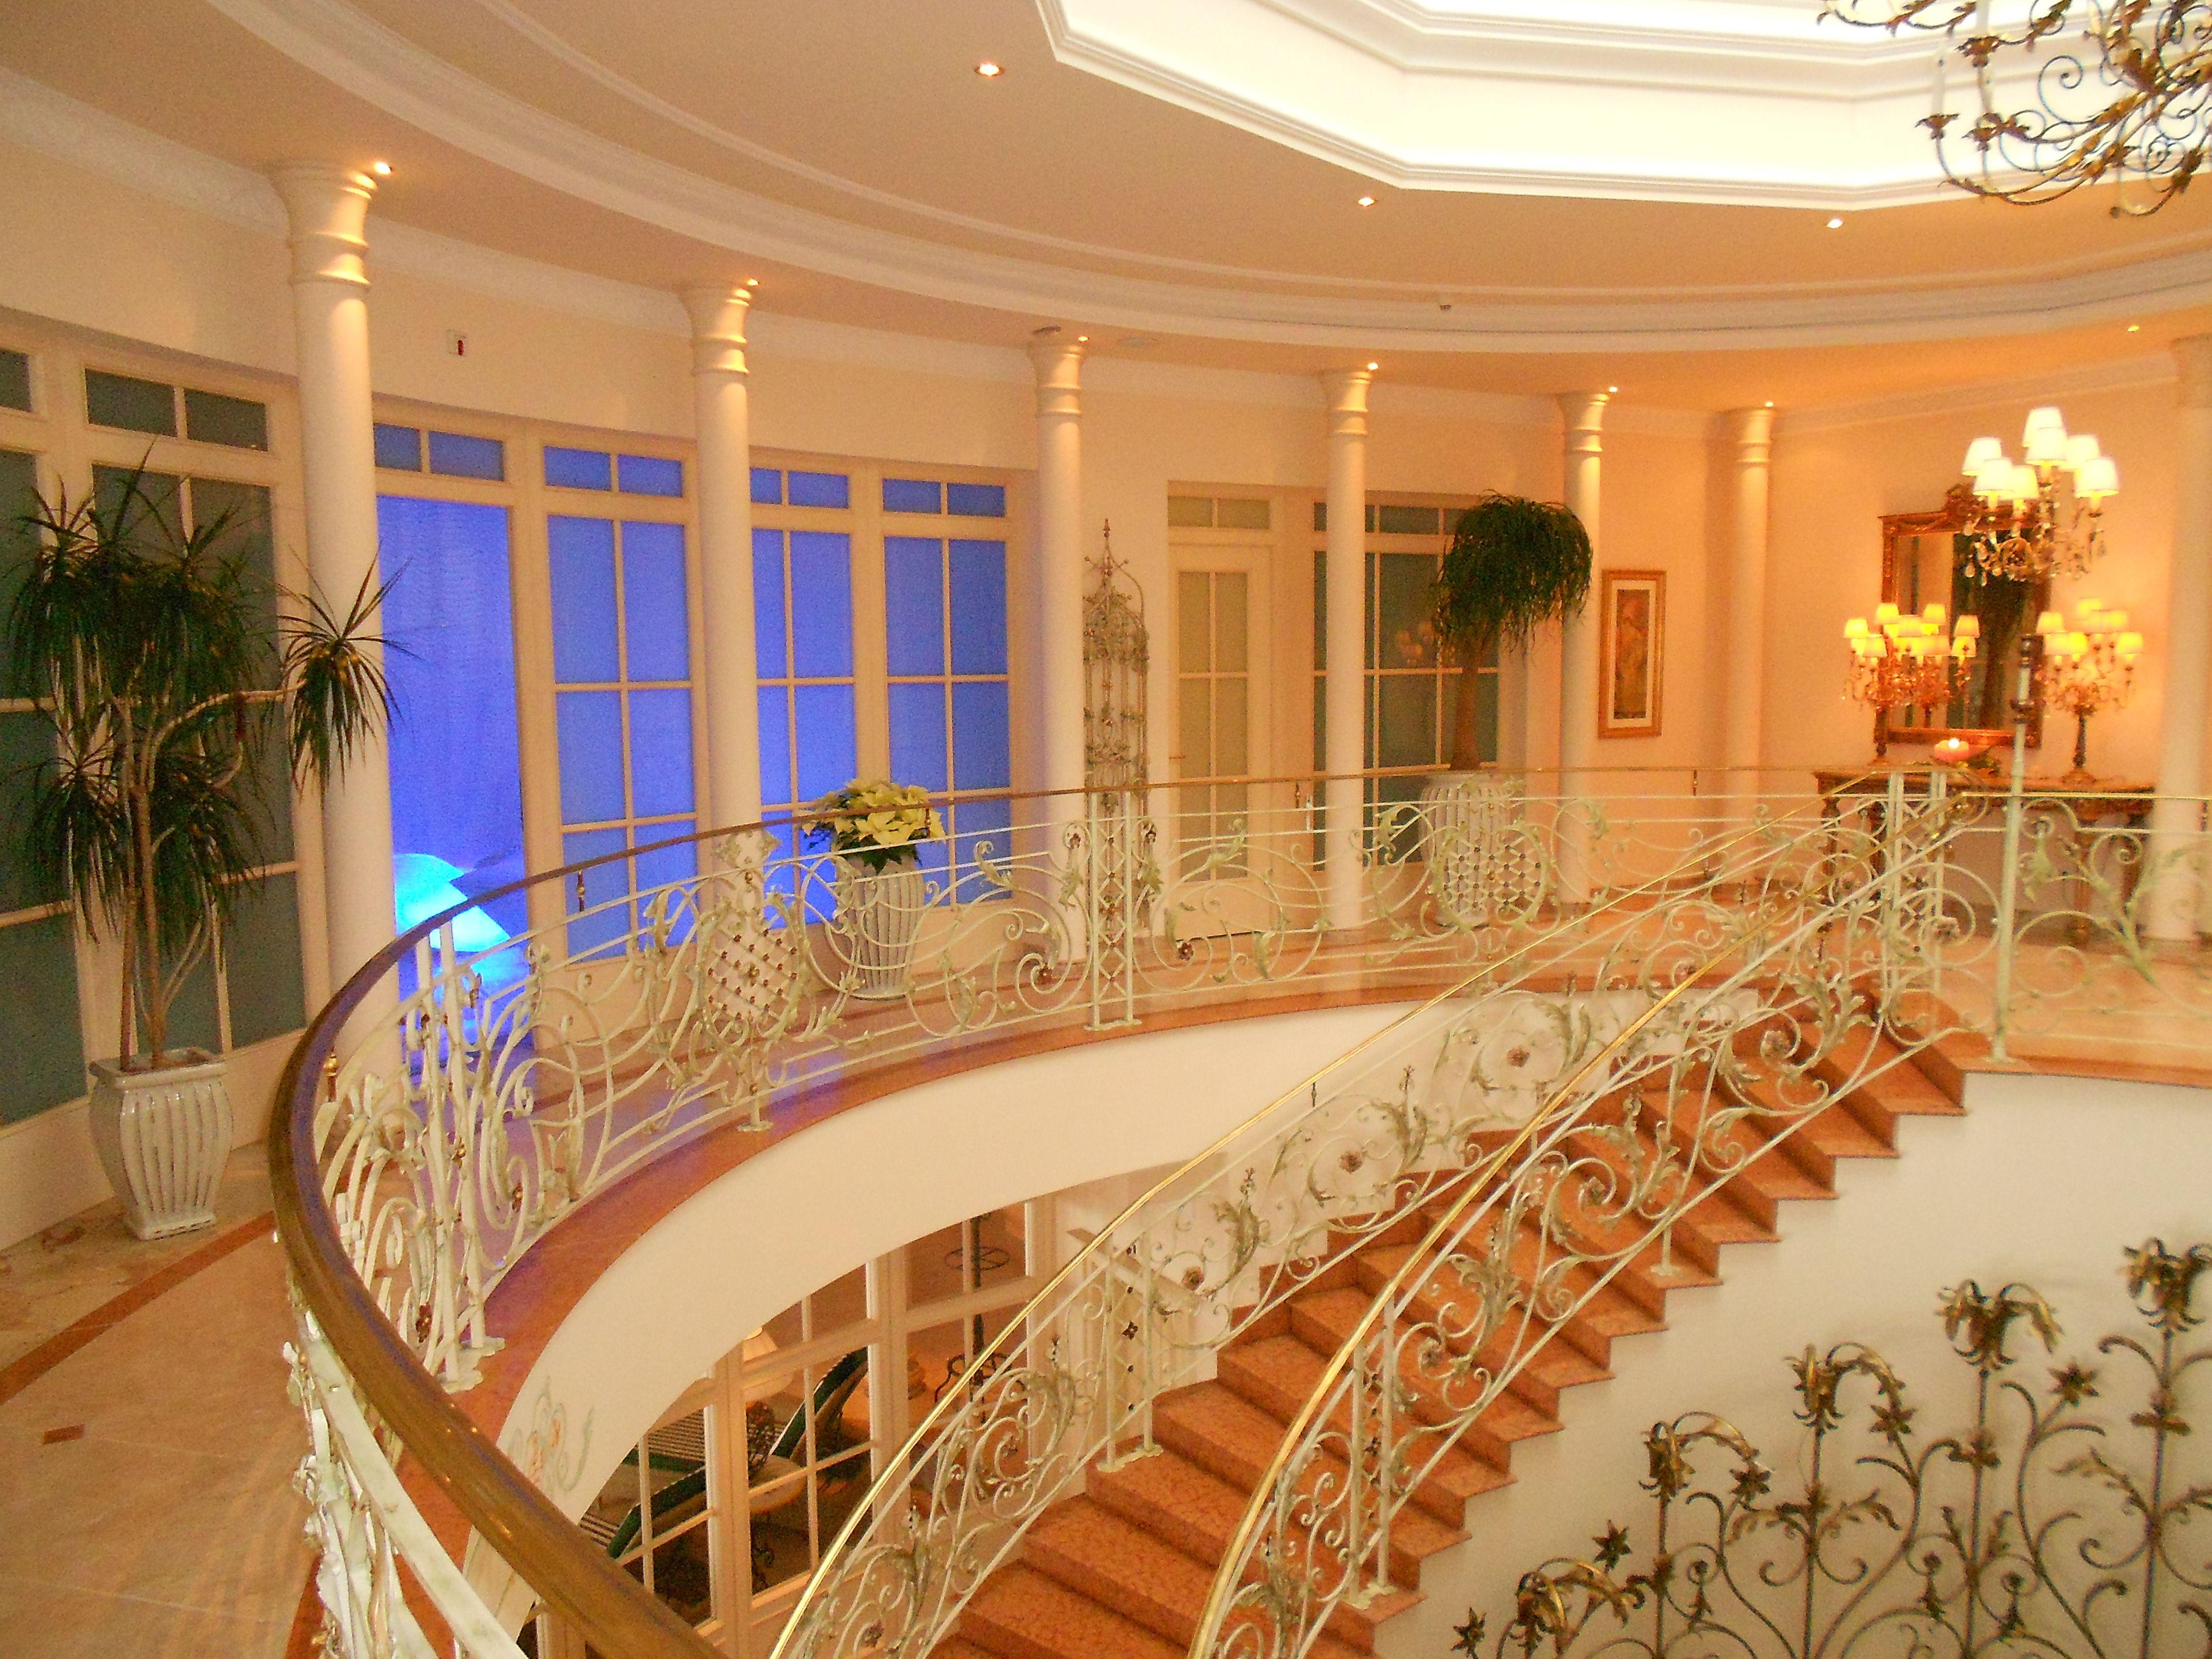 Schleuse zum Außenpool Interalpen Hotel Tyrol in Austria Luxury Hotels & Spas Pinterest